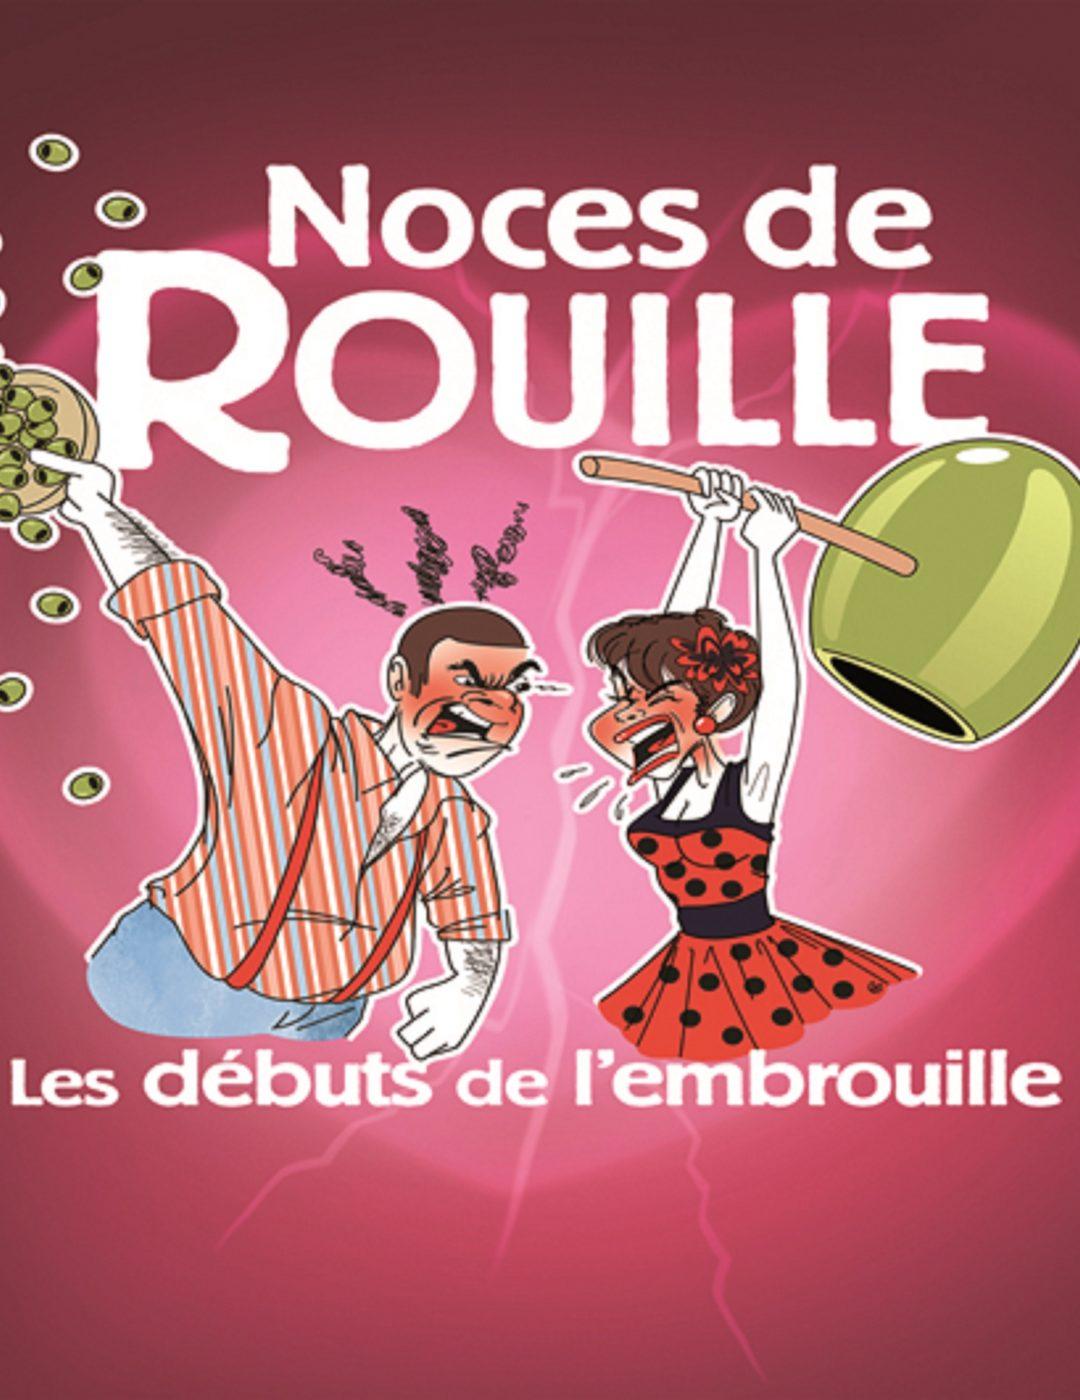 AFFICHE NOCES DE ROUILLE